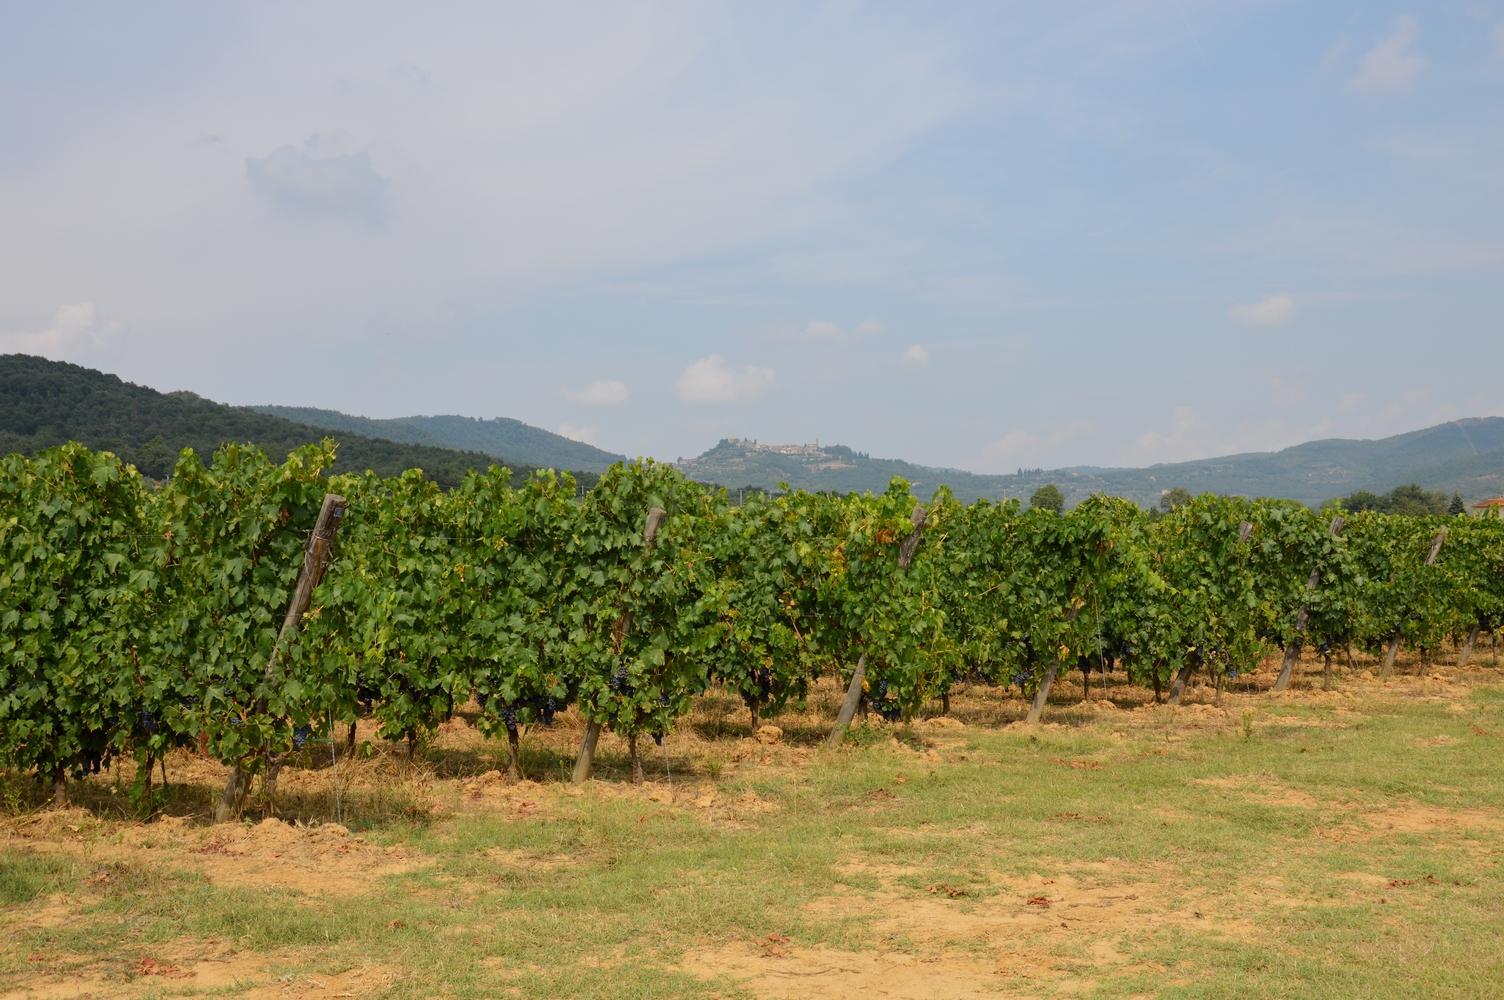 Gallery: immagini su Piè di Colle azienda vinicola toscana 31